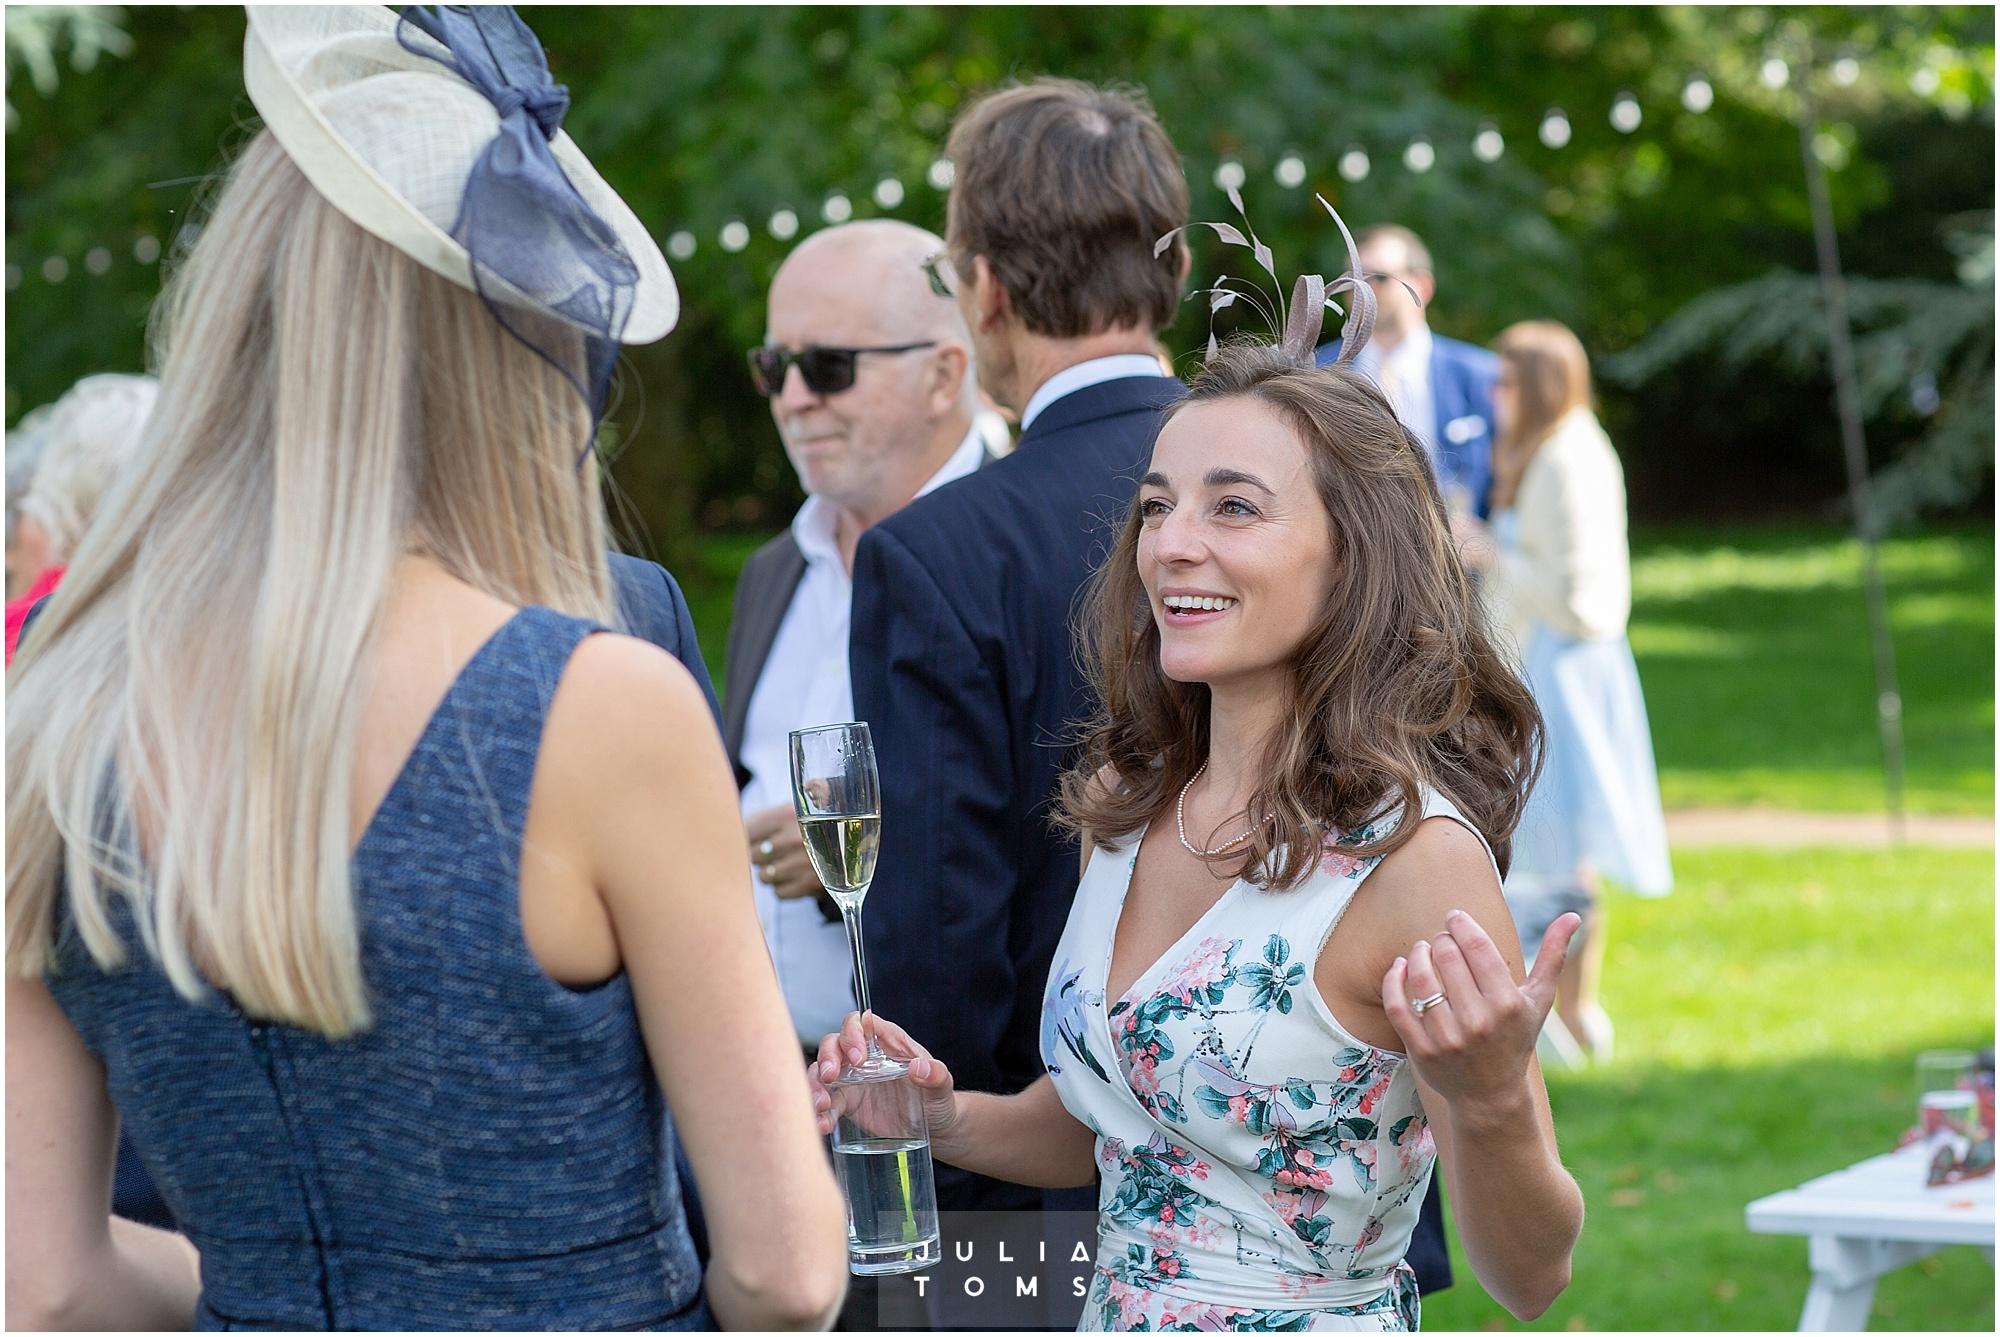 westsussex_wedding_photographer_westdean_089.jpg